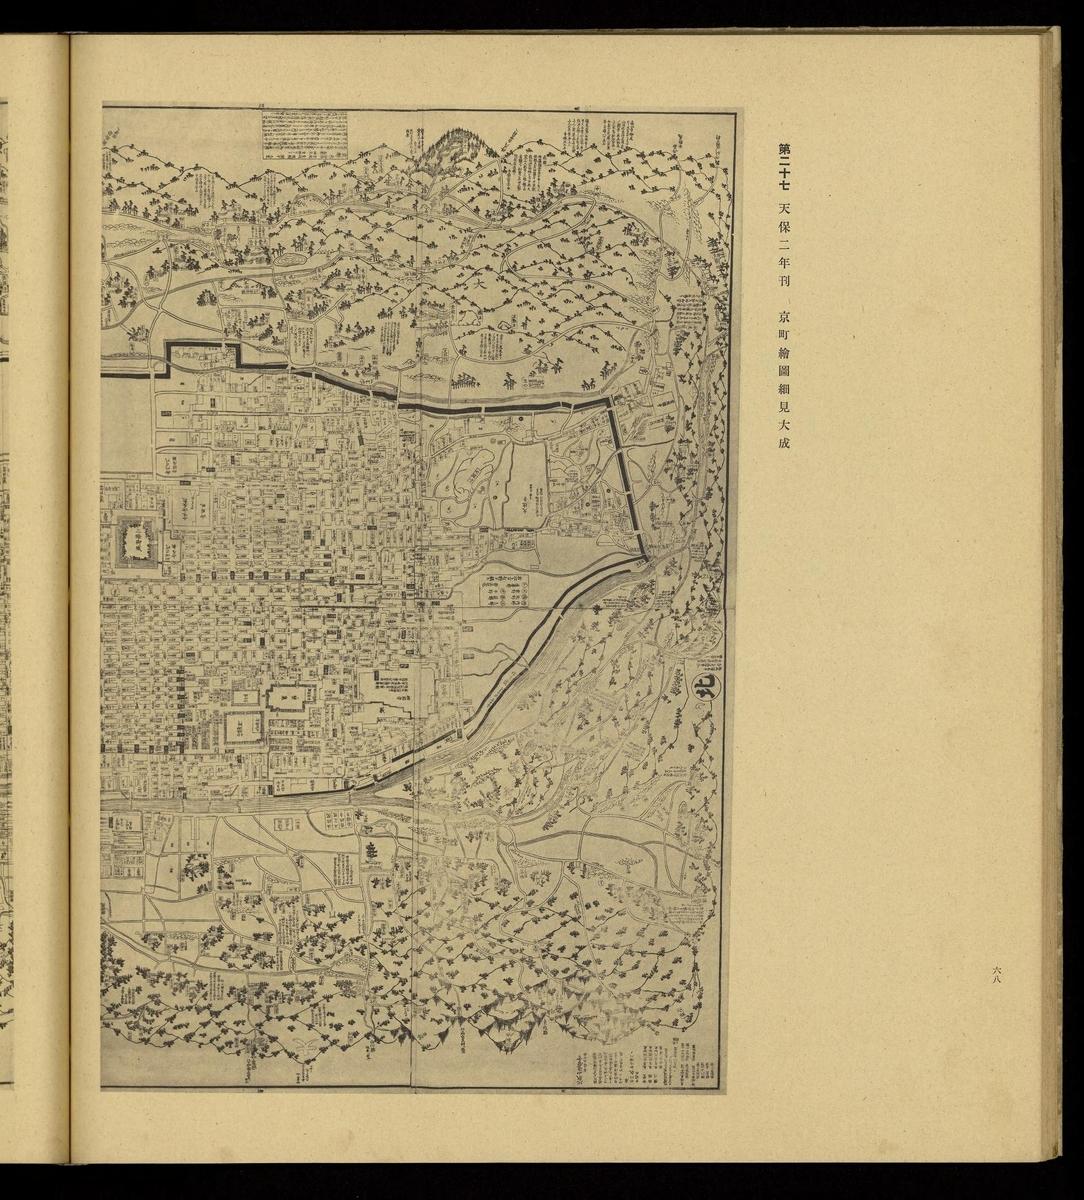 1947年京都市編「京都市史 地図編」国立国会図書館デジタルコレクションより